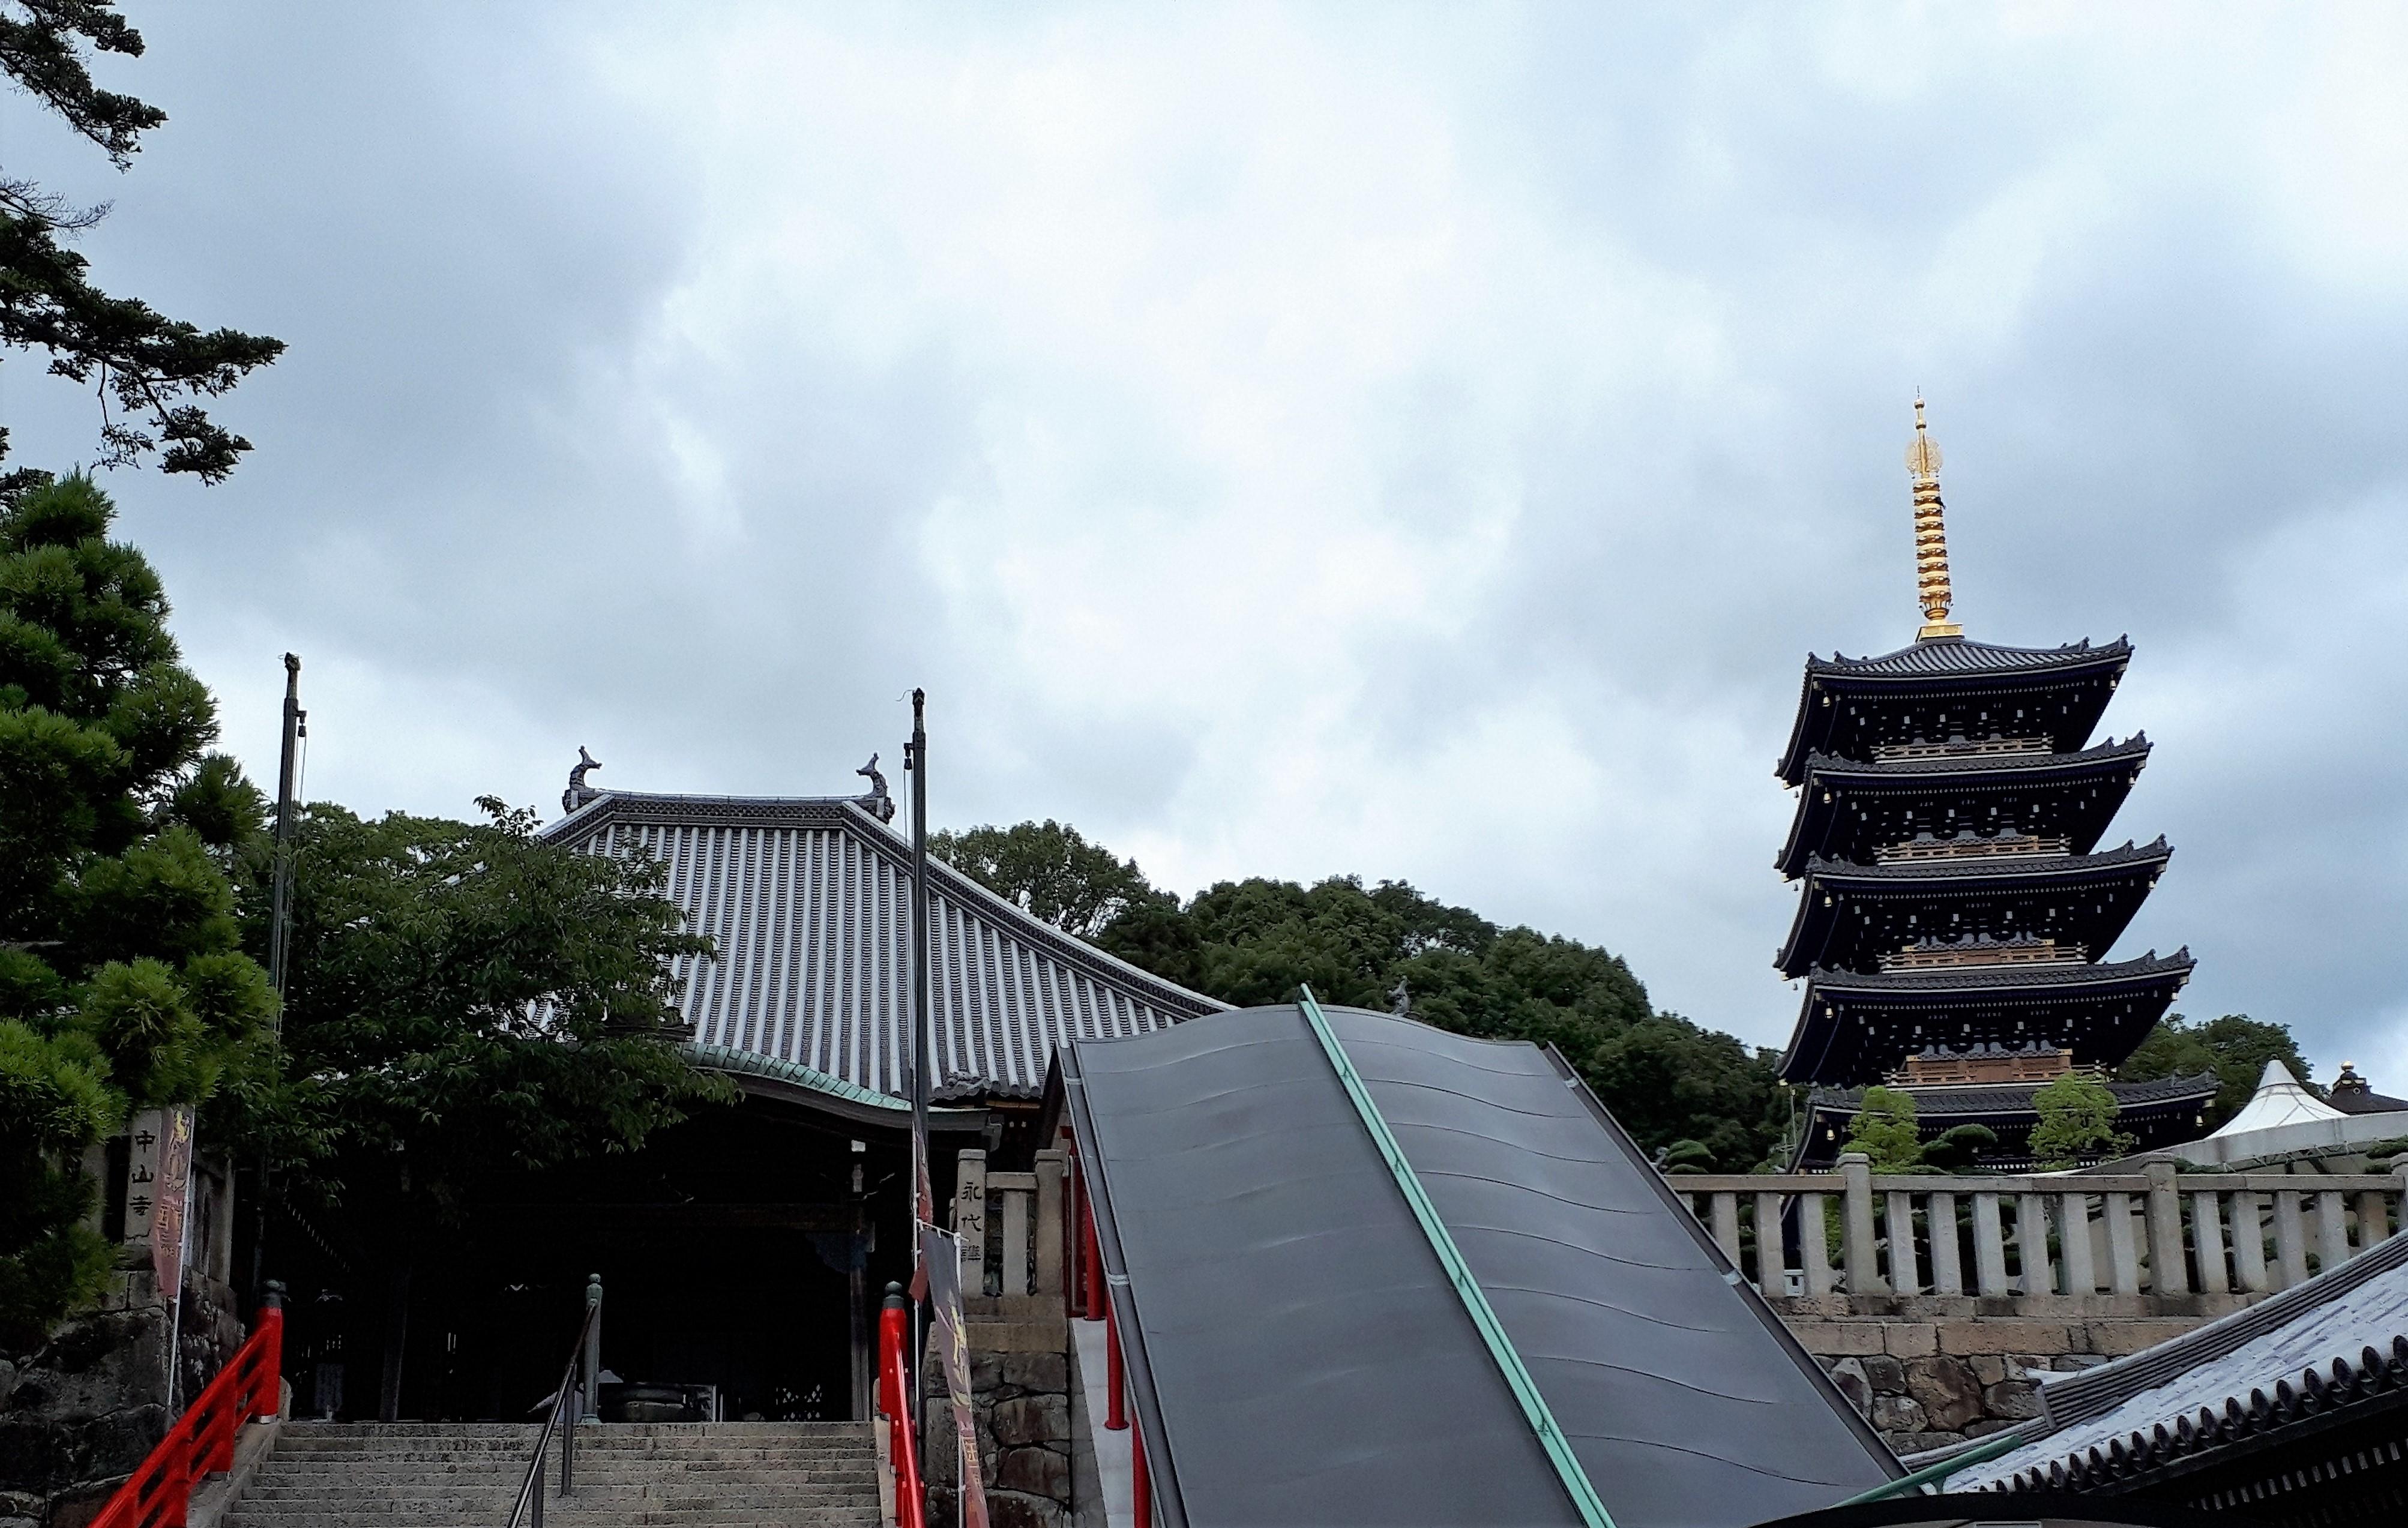 本堂&五重塔(中山寺)